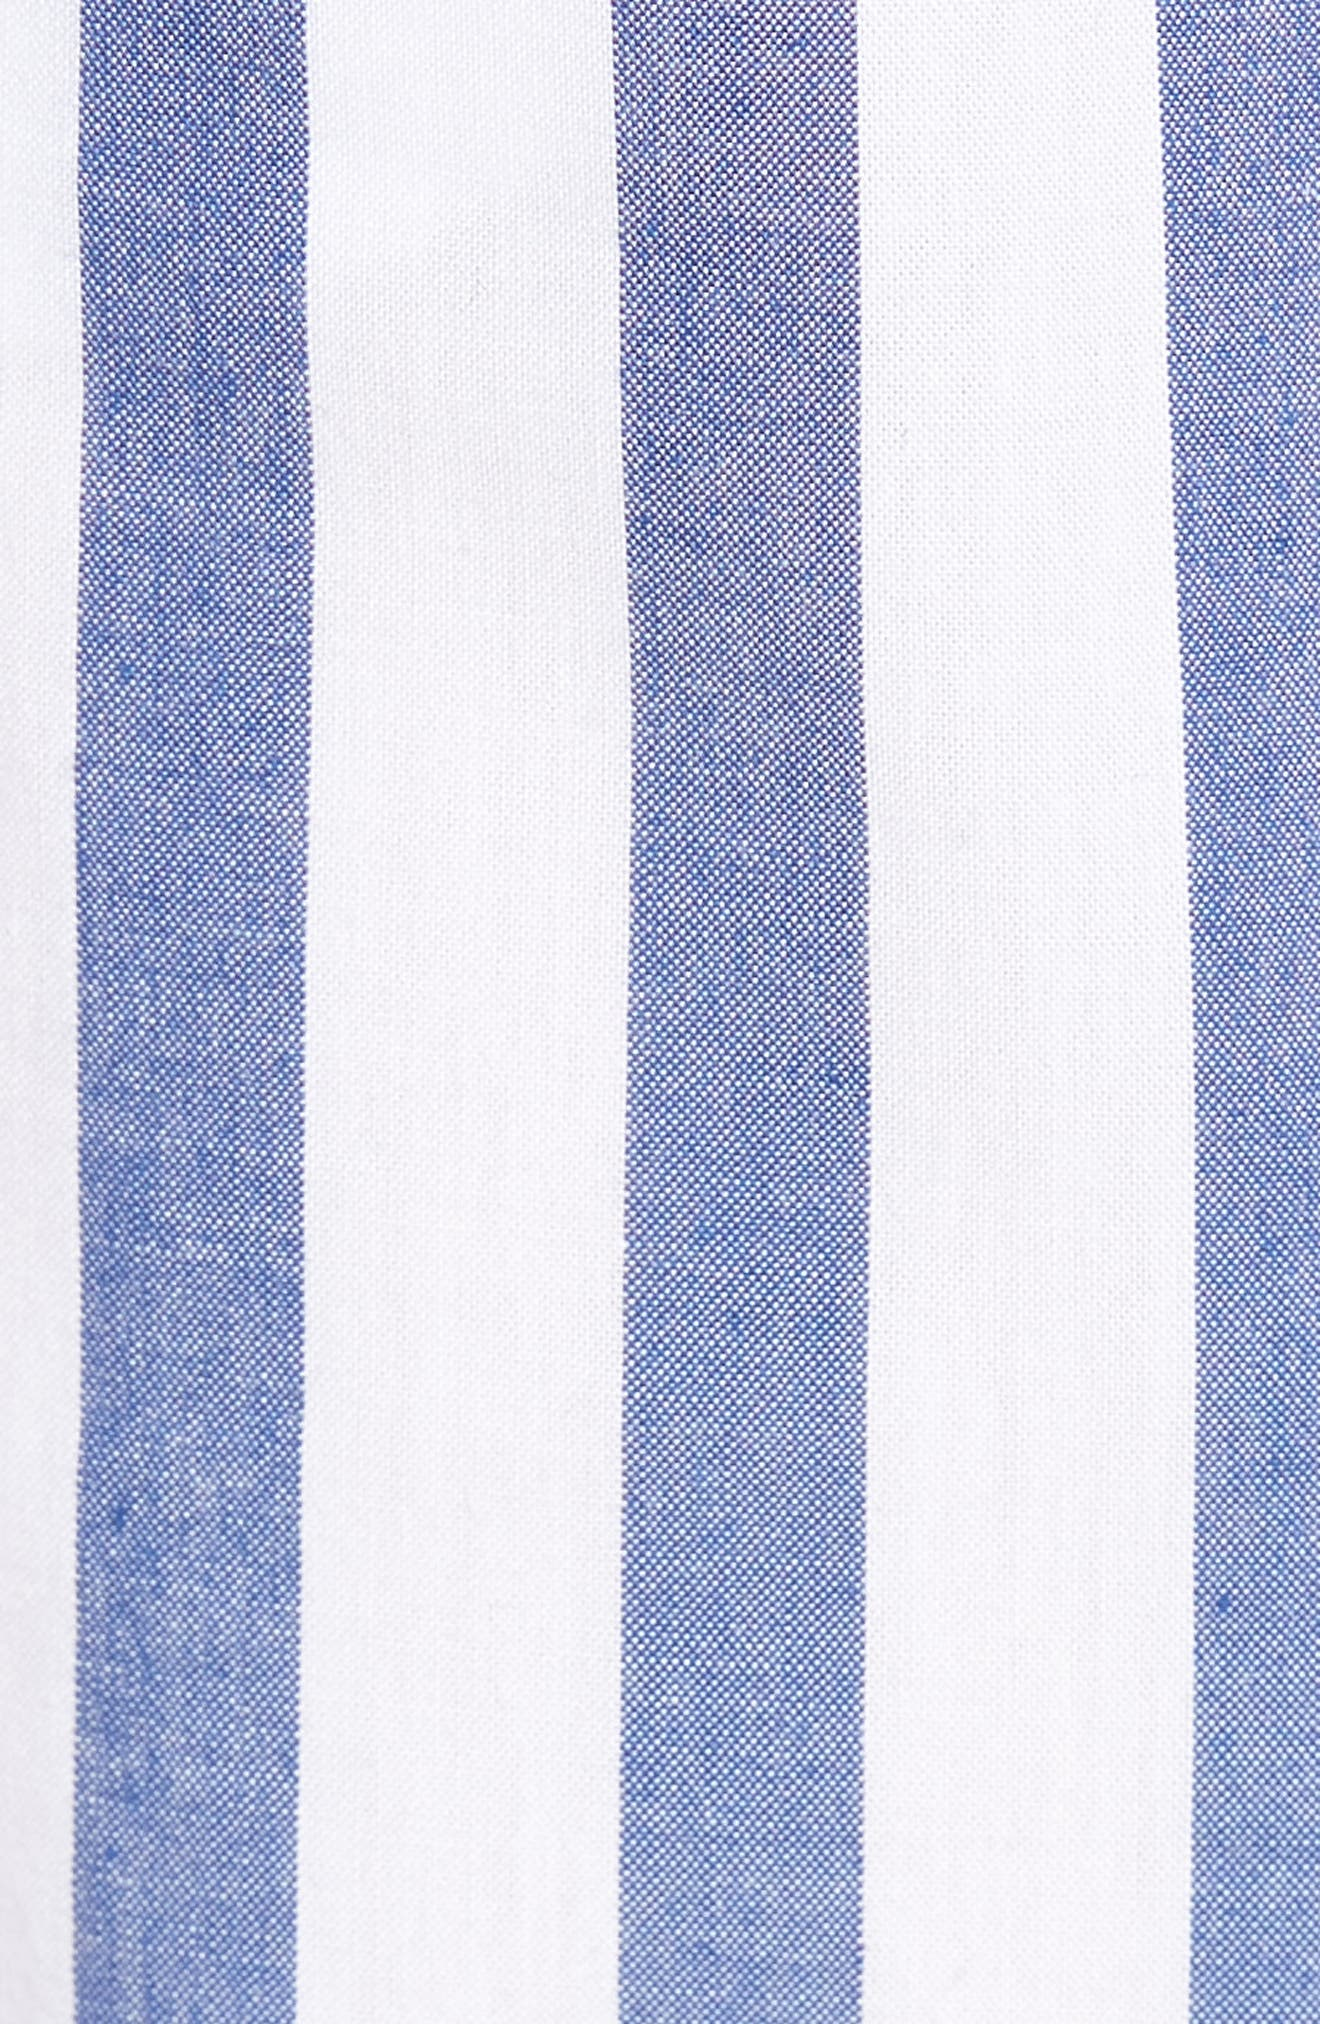 Aversa Crop Wide Leg Pants,                             Alternate thumbnail 6, color,                             Navy Stripe